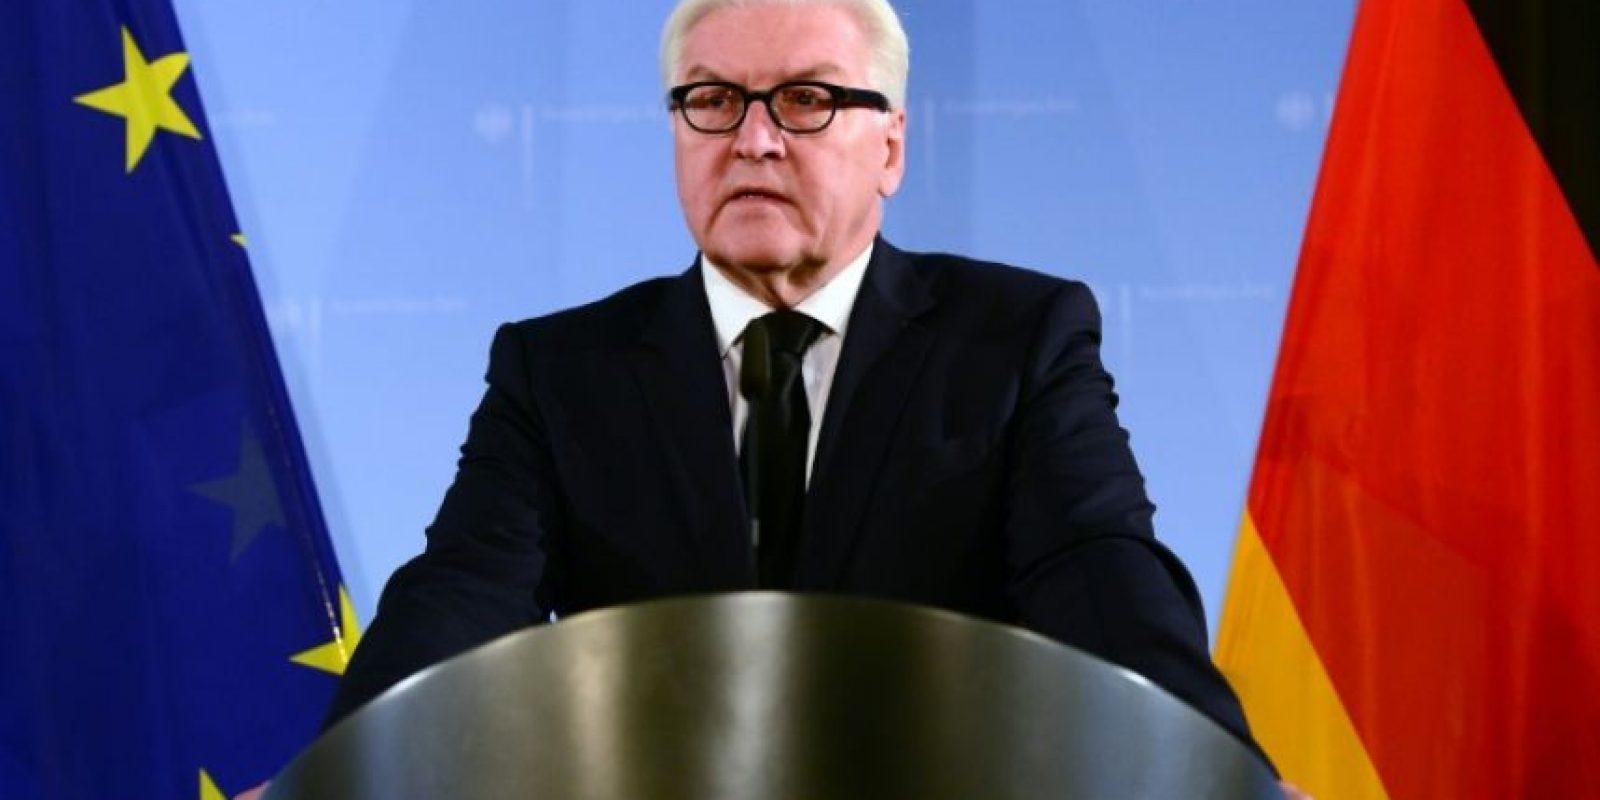 El ministro alemán Frank-Walter Steinmeier comparece para informar sobre el ataque al consulado de Mazar-i-Sharif, este viernes 11 de noviembre en Berlín Foto:Maurizio Gambarini/afp.com